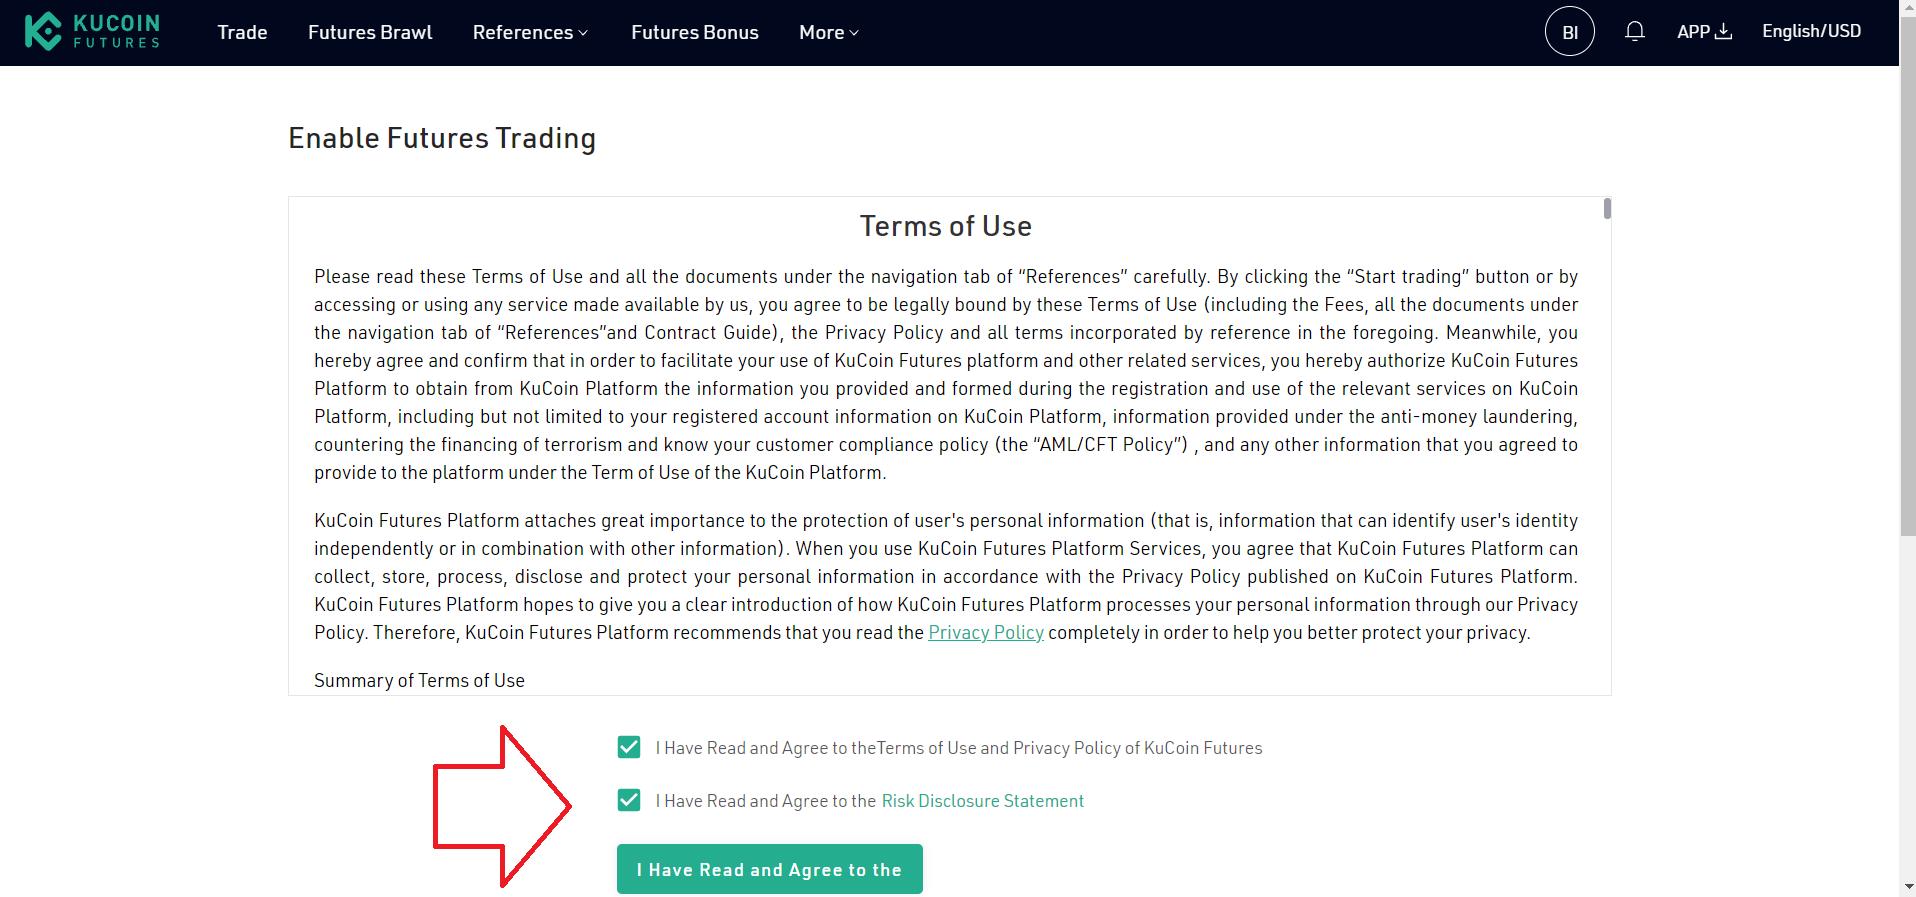 آموزش ثبت نام در صرافی کوکوین و بررسی ویژگی های آن (KuCoin)